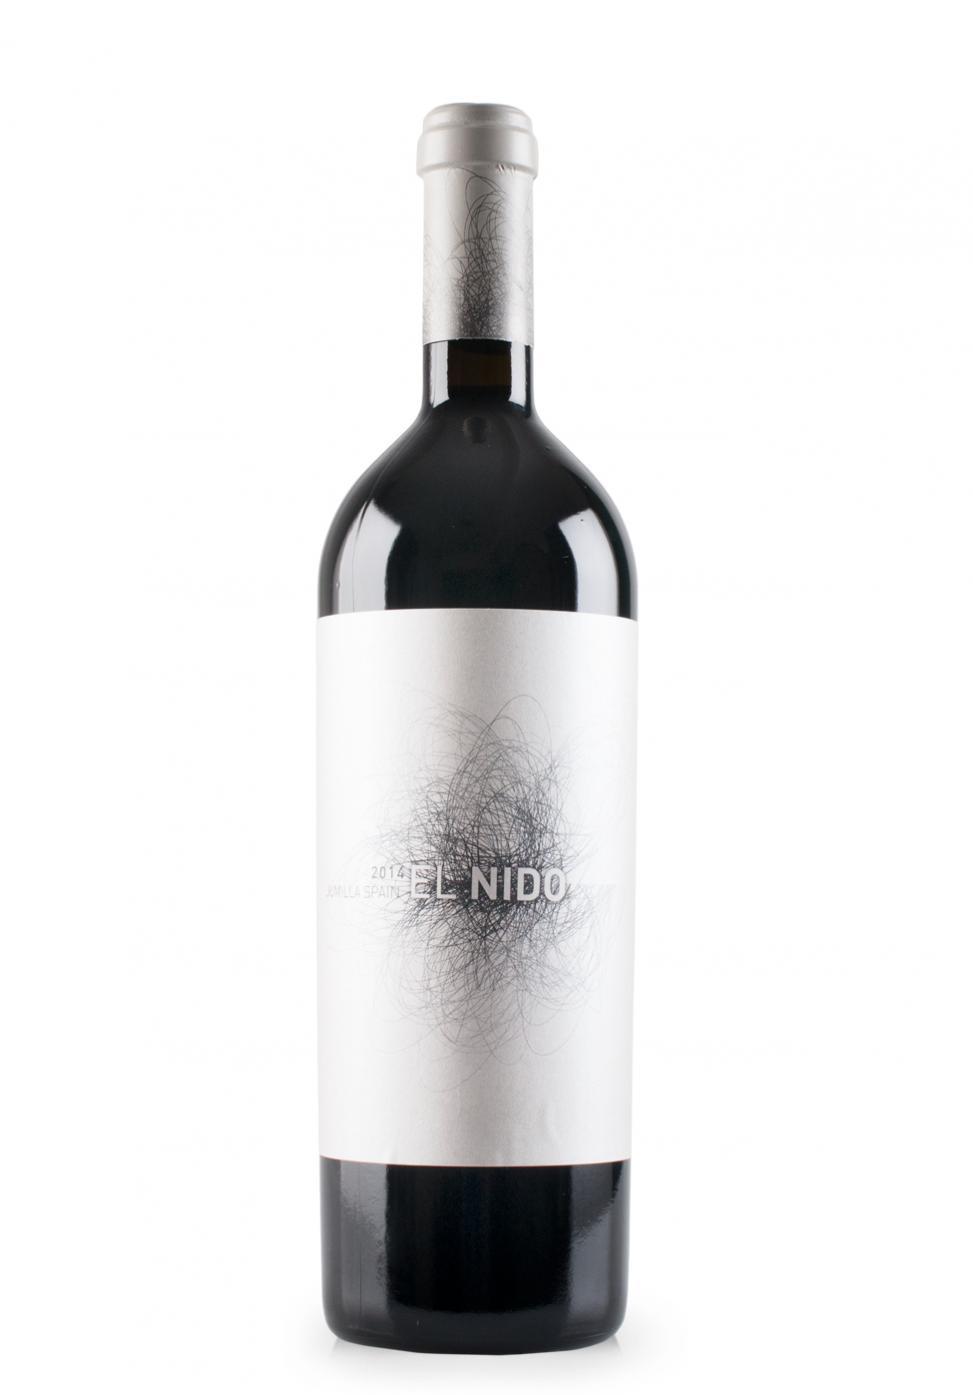 Vin Bodegas El Nido, El Nido, D.O.P. Jumilla, 2016 (0.75L)